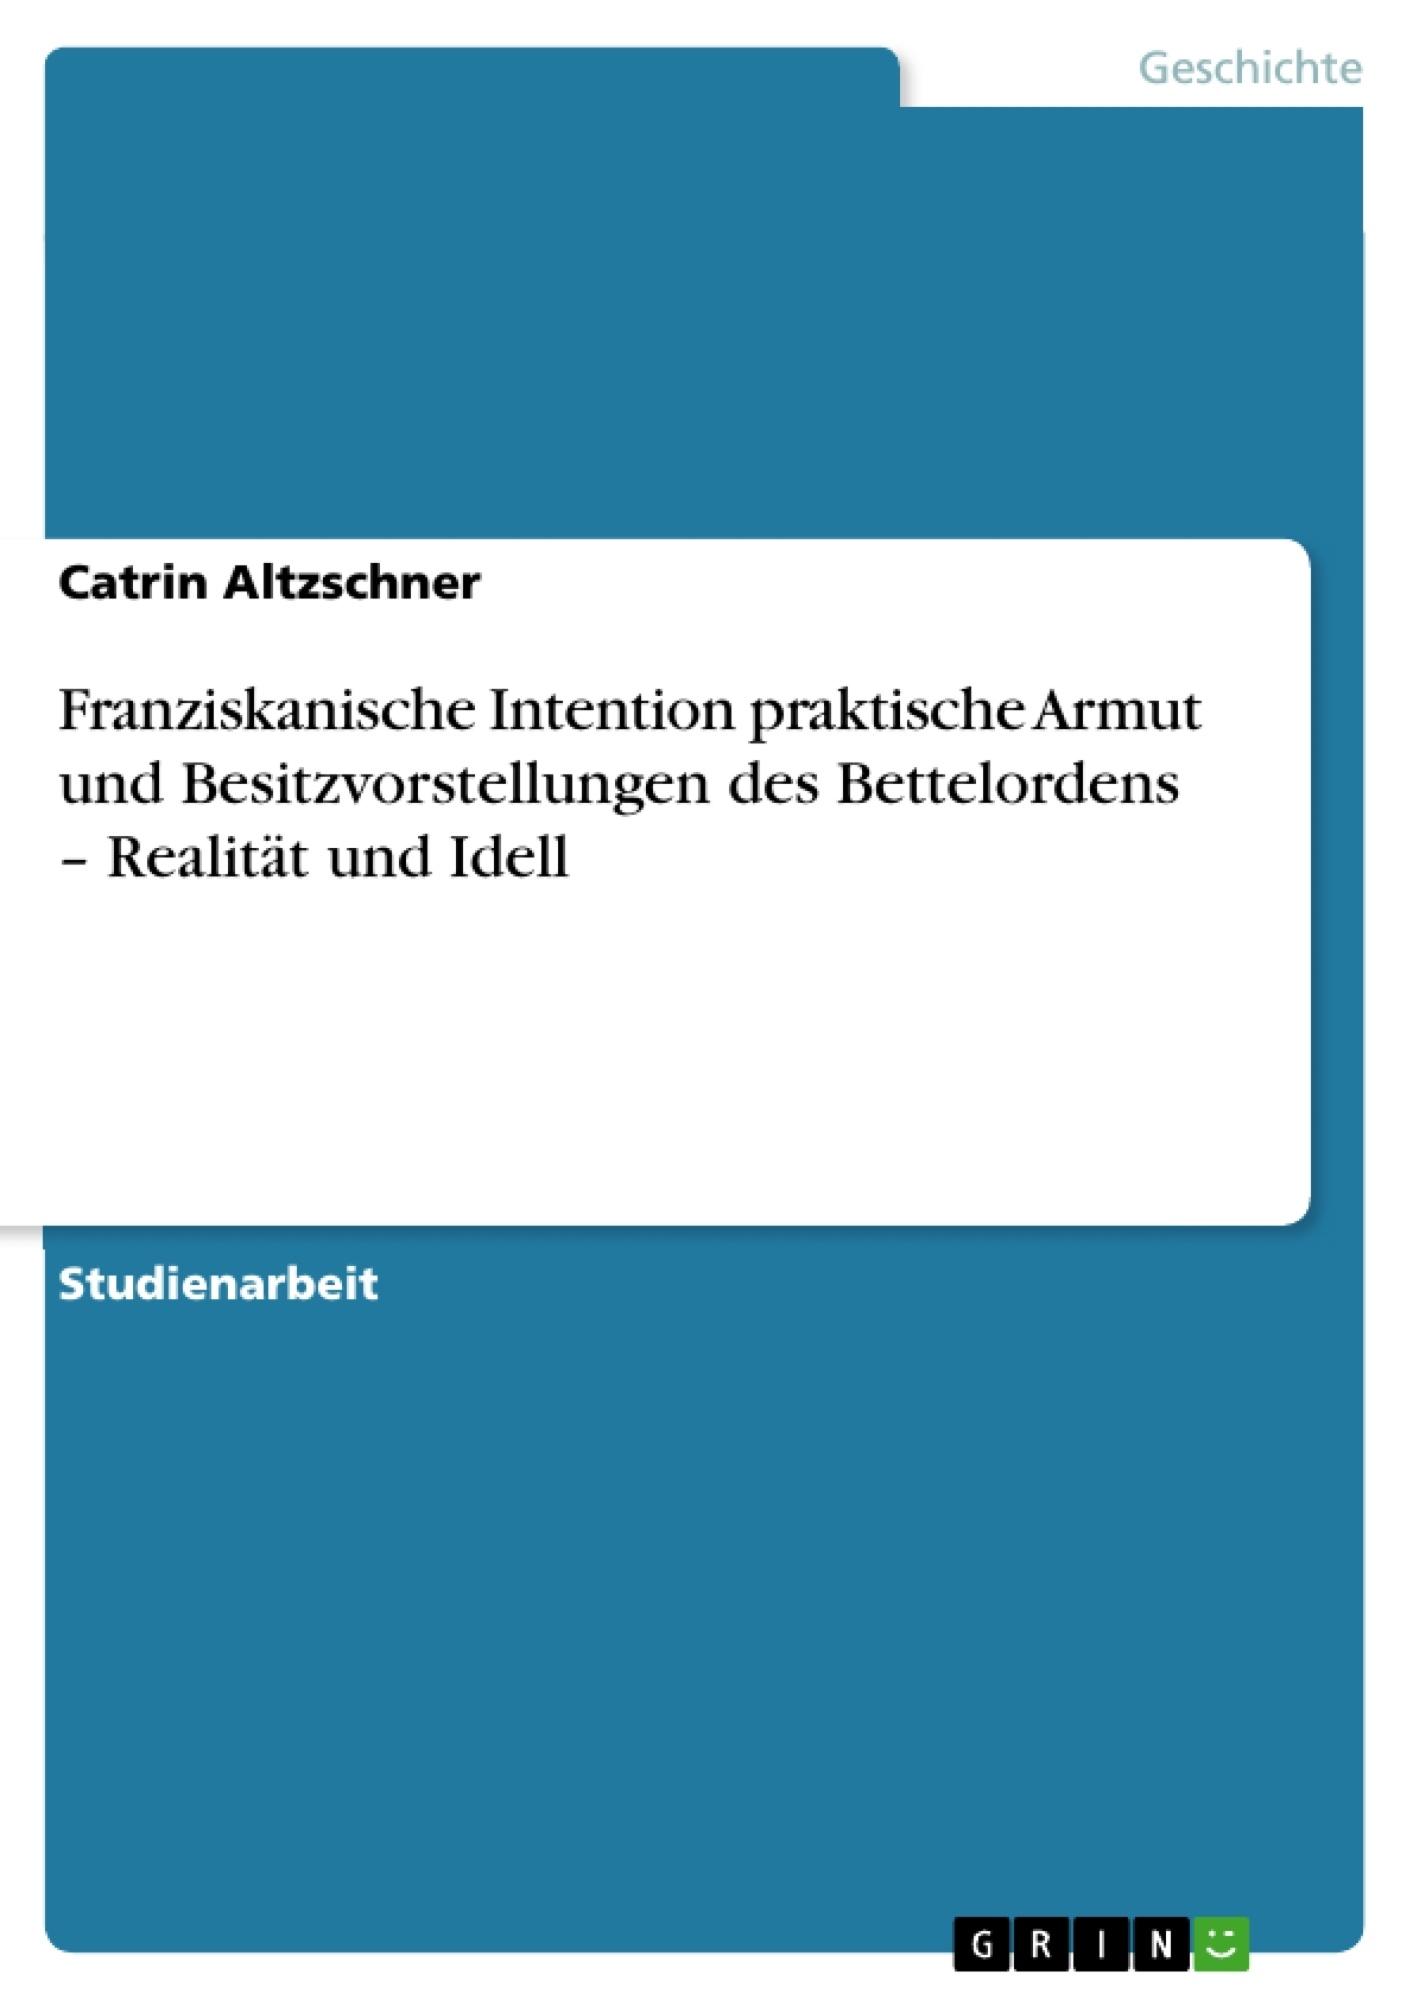 Titel: Franziskanische Intention praktische Armut und Besitzvorstellungen des Bettelordens – Realität und Idell